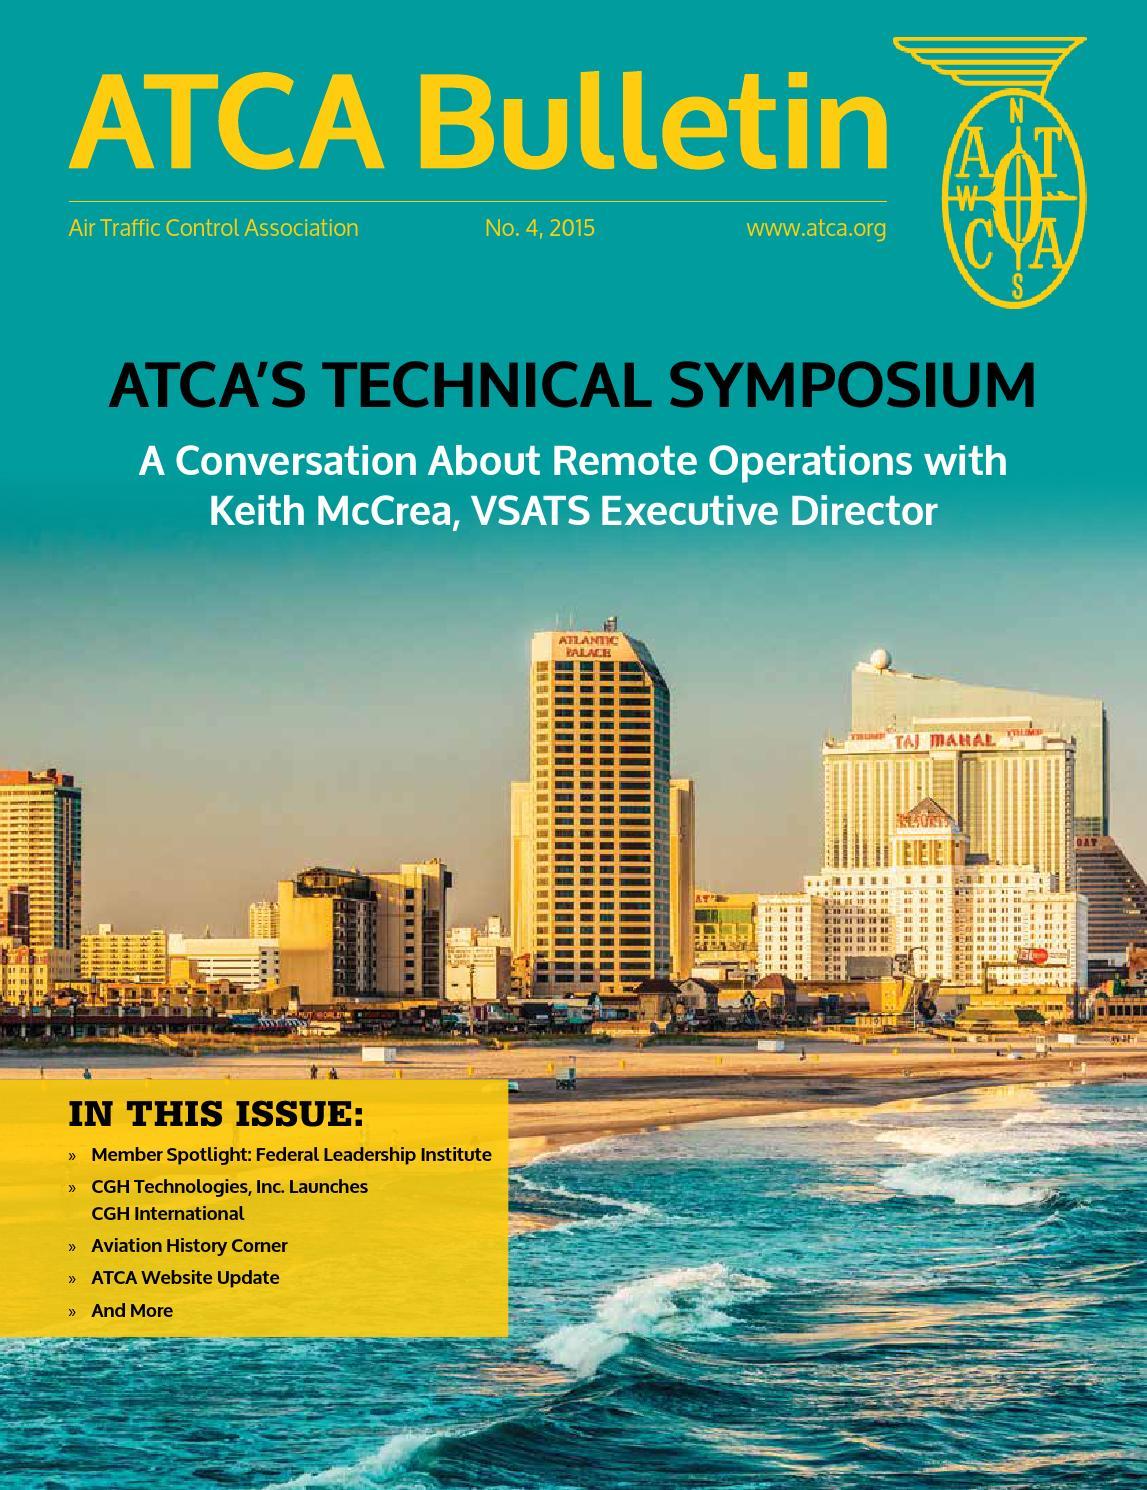 Atca Bulletin 4 2015 By Air Traffic Control Association Issuu